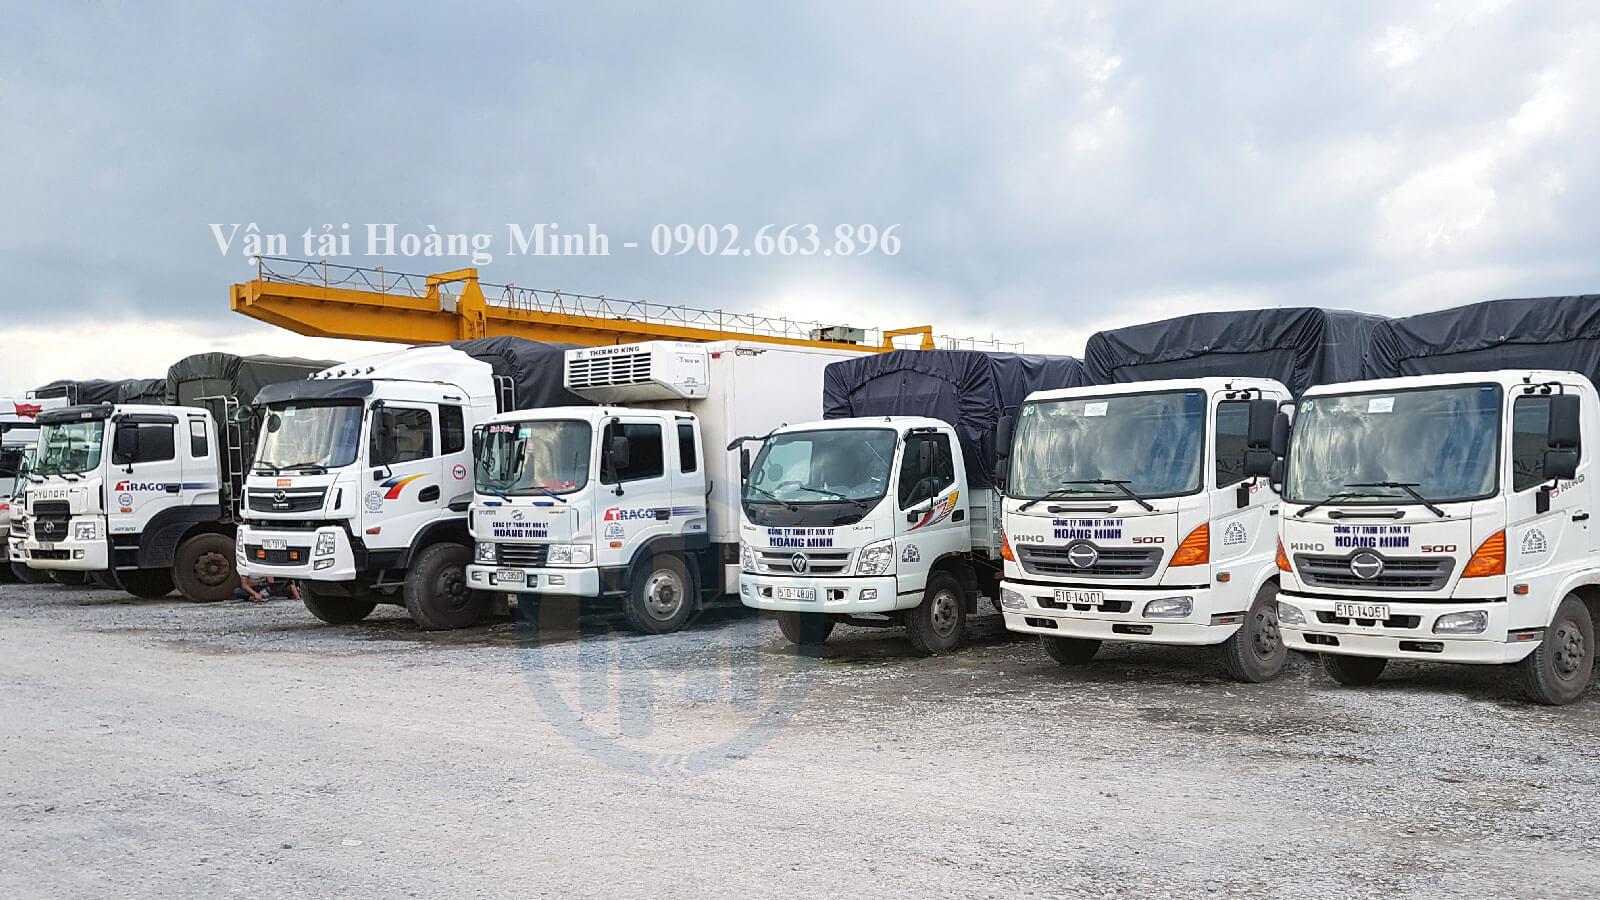 dịch vụ cho thuê xe tải chở hàng Quận 5 uy tín & chuyên nghiệp